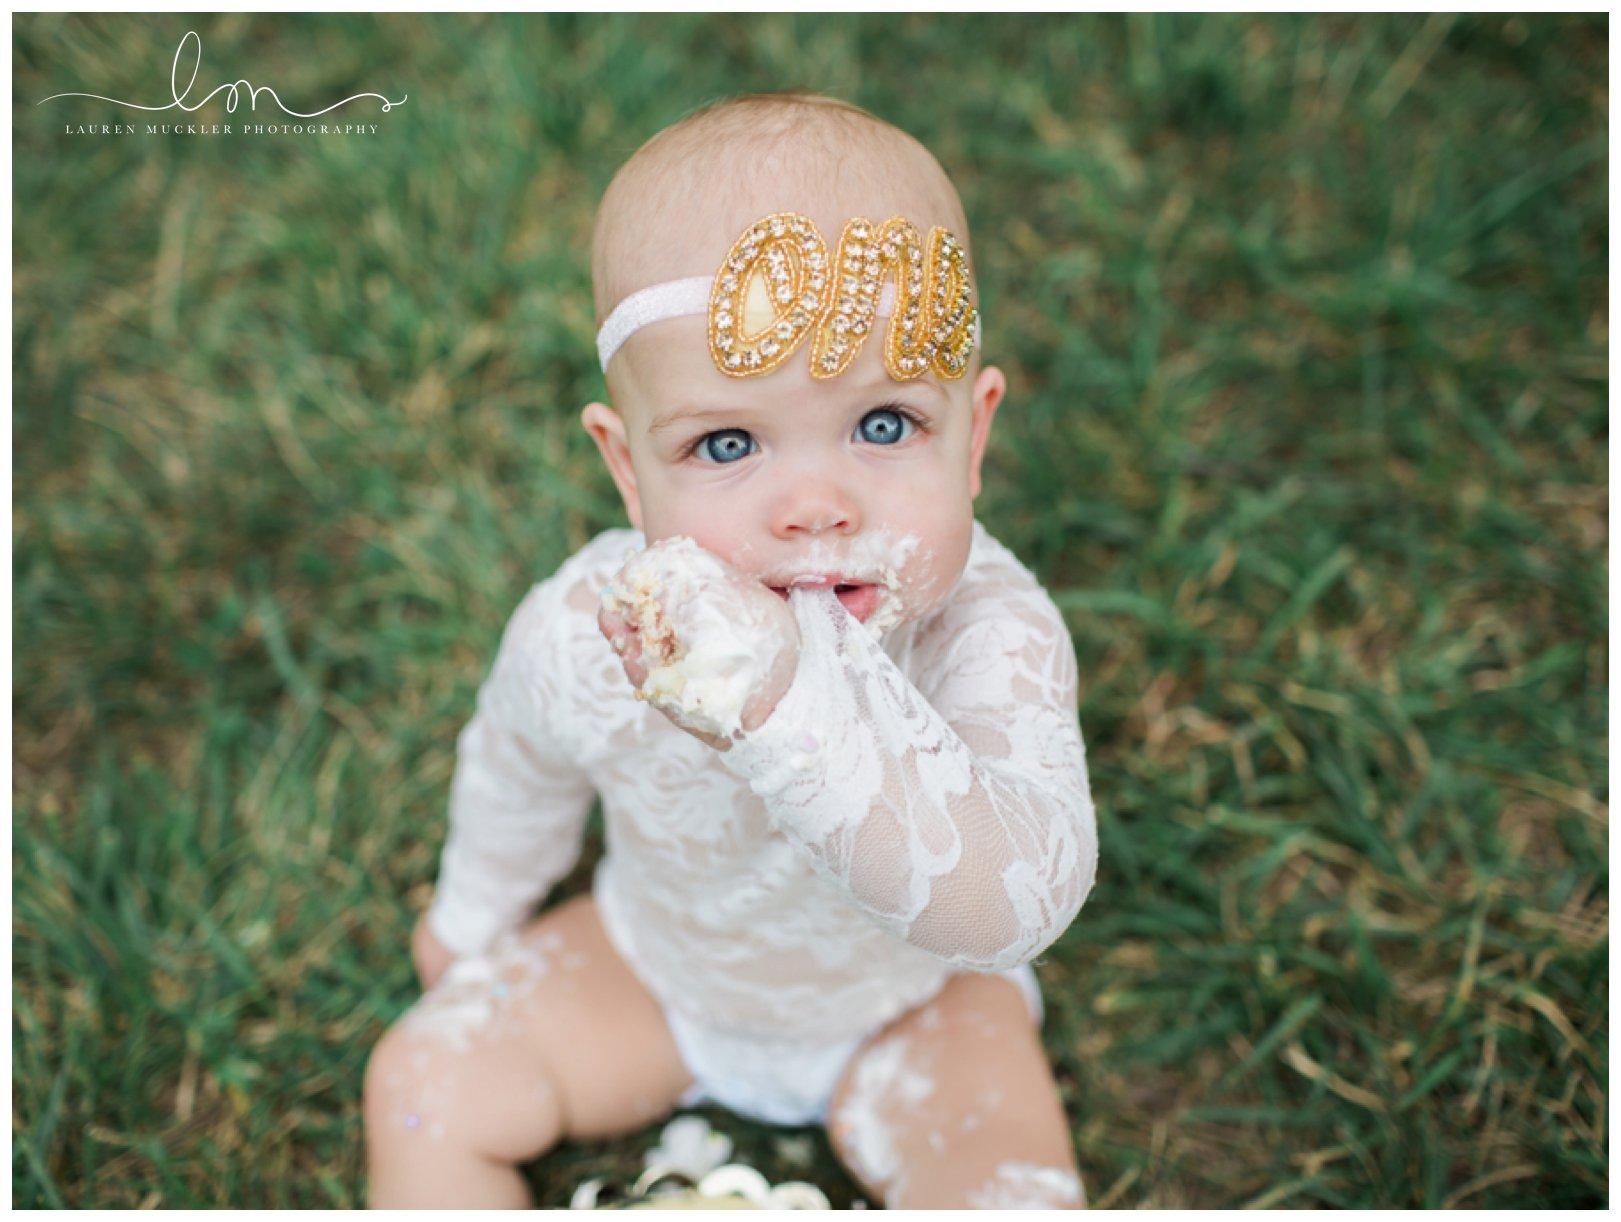 lauren muckler photography_fine art film wedding photography_st louis_photography_0521.jpg